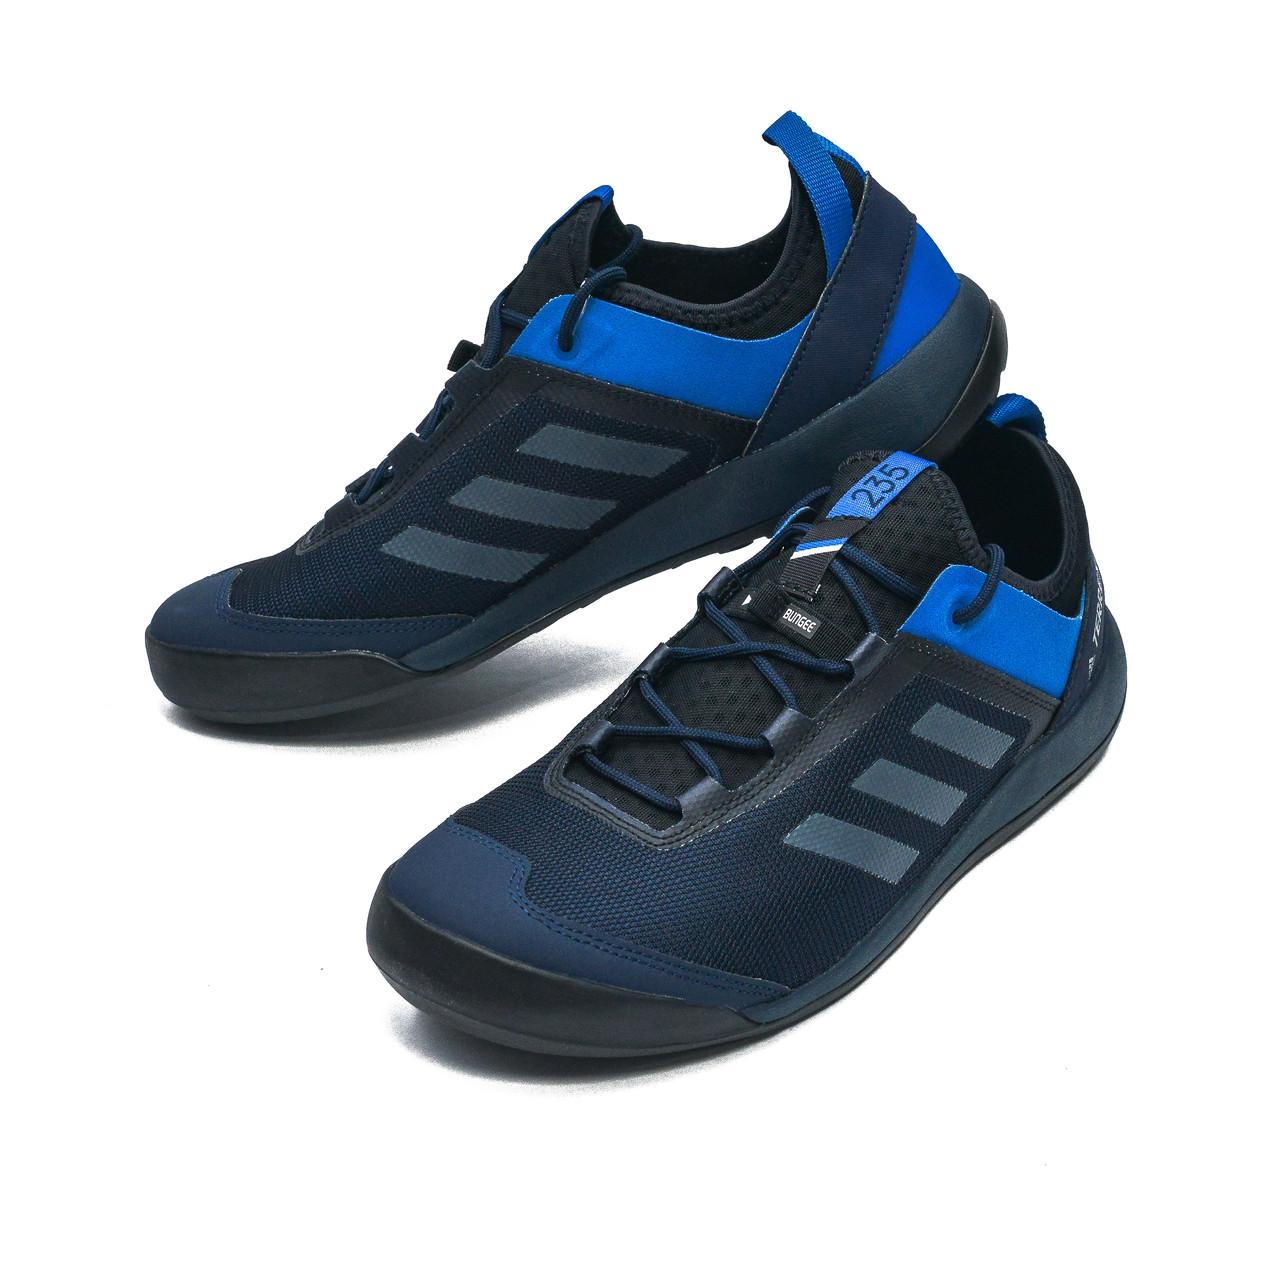 Оригинальные мужские кроссовки Adidas Terrex Swift Solo